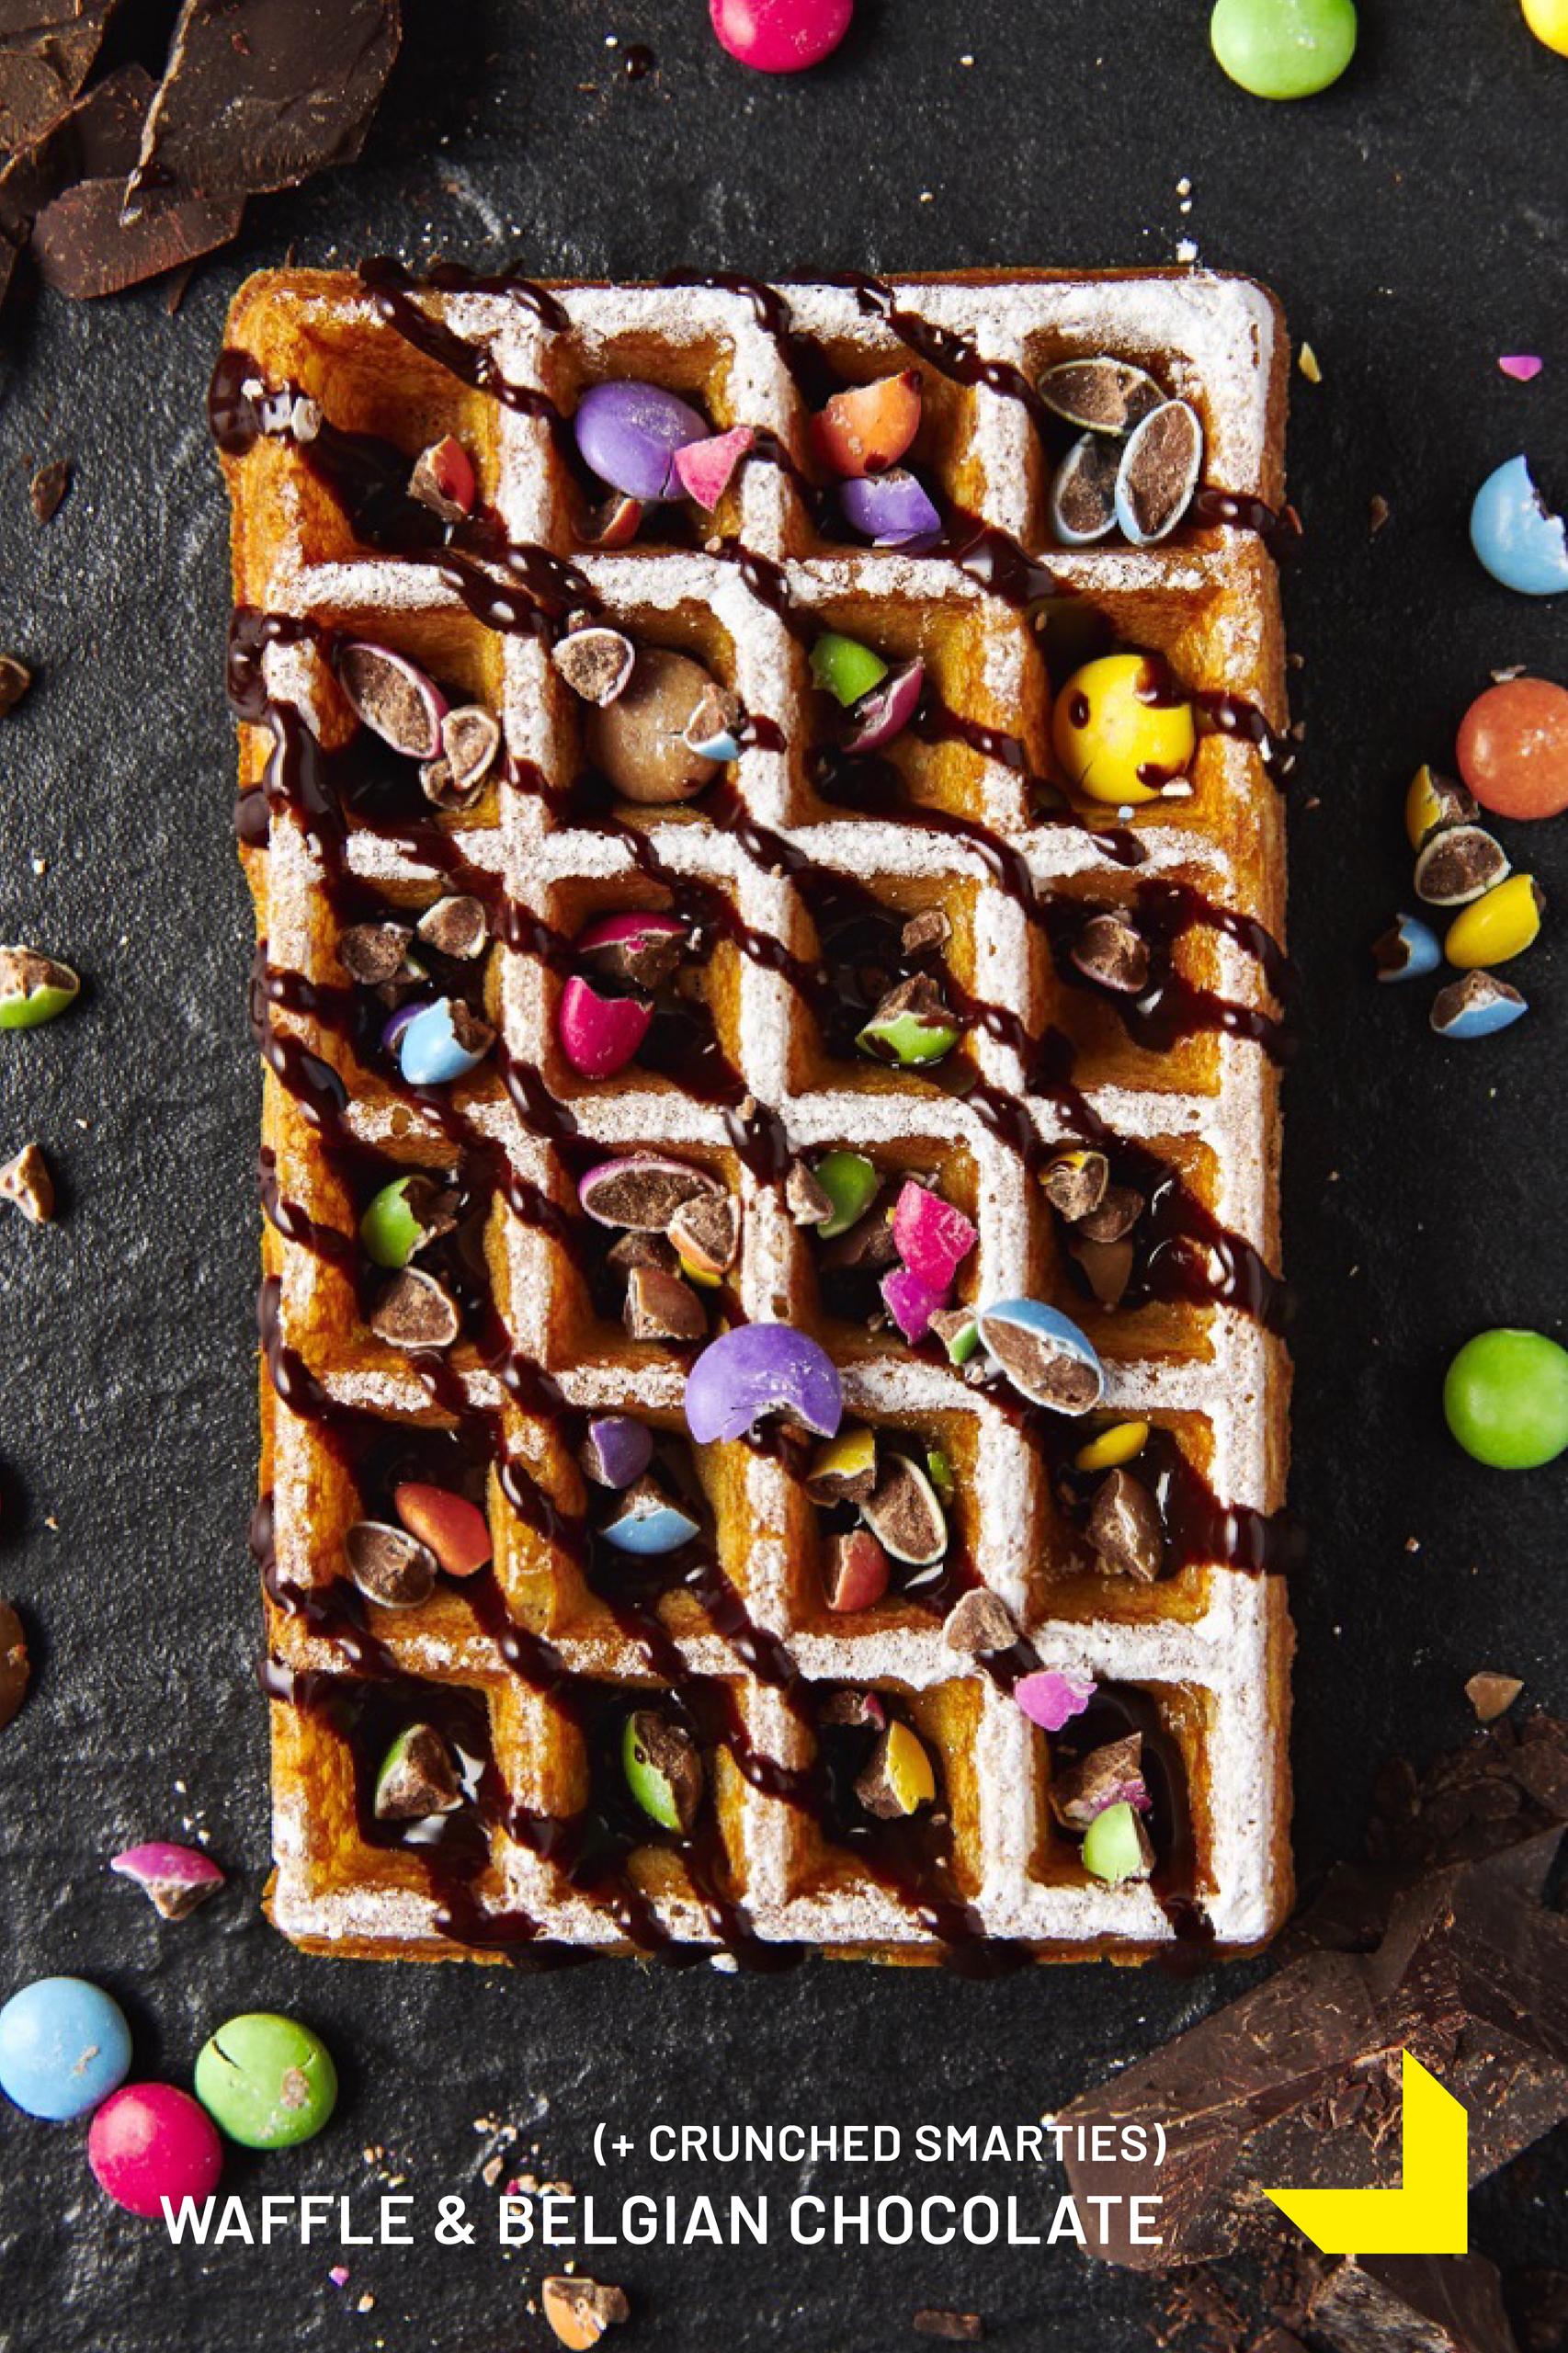 WAFFLE & BELGIAN CHOCOLATE